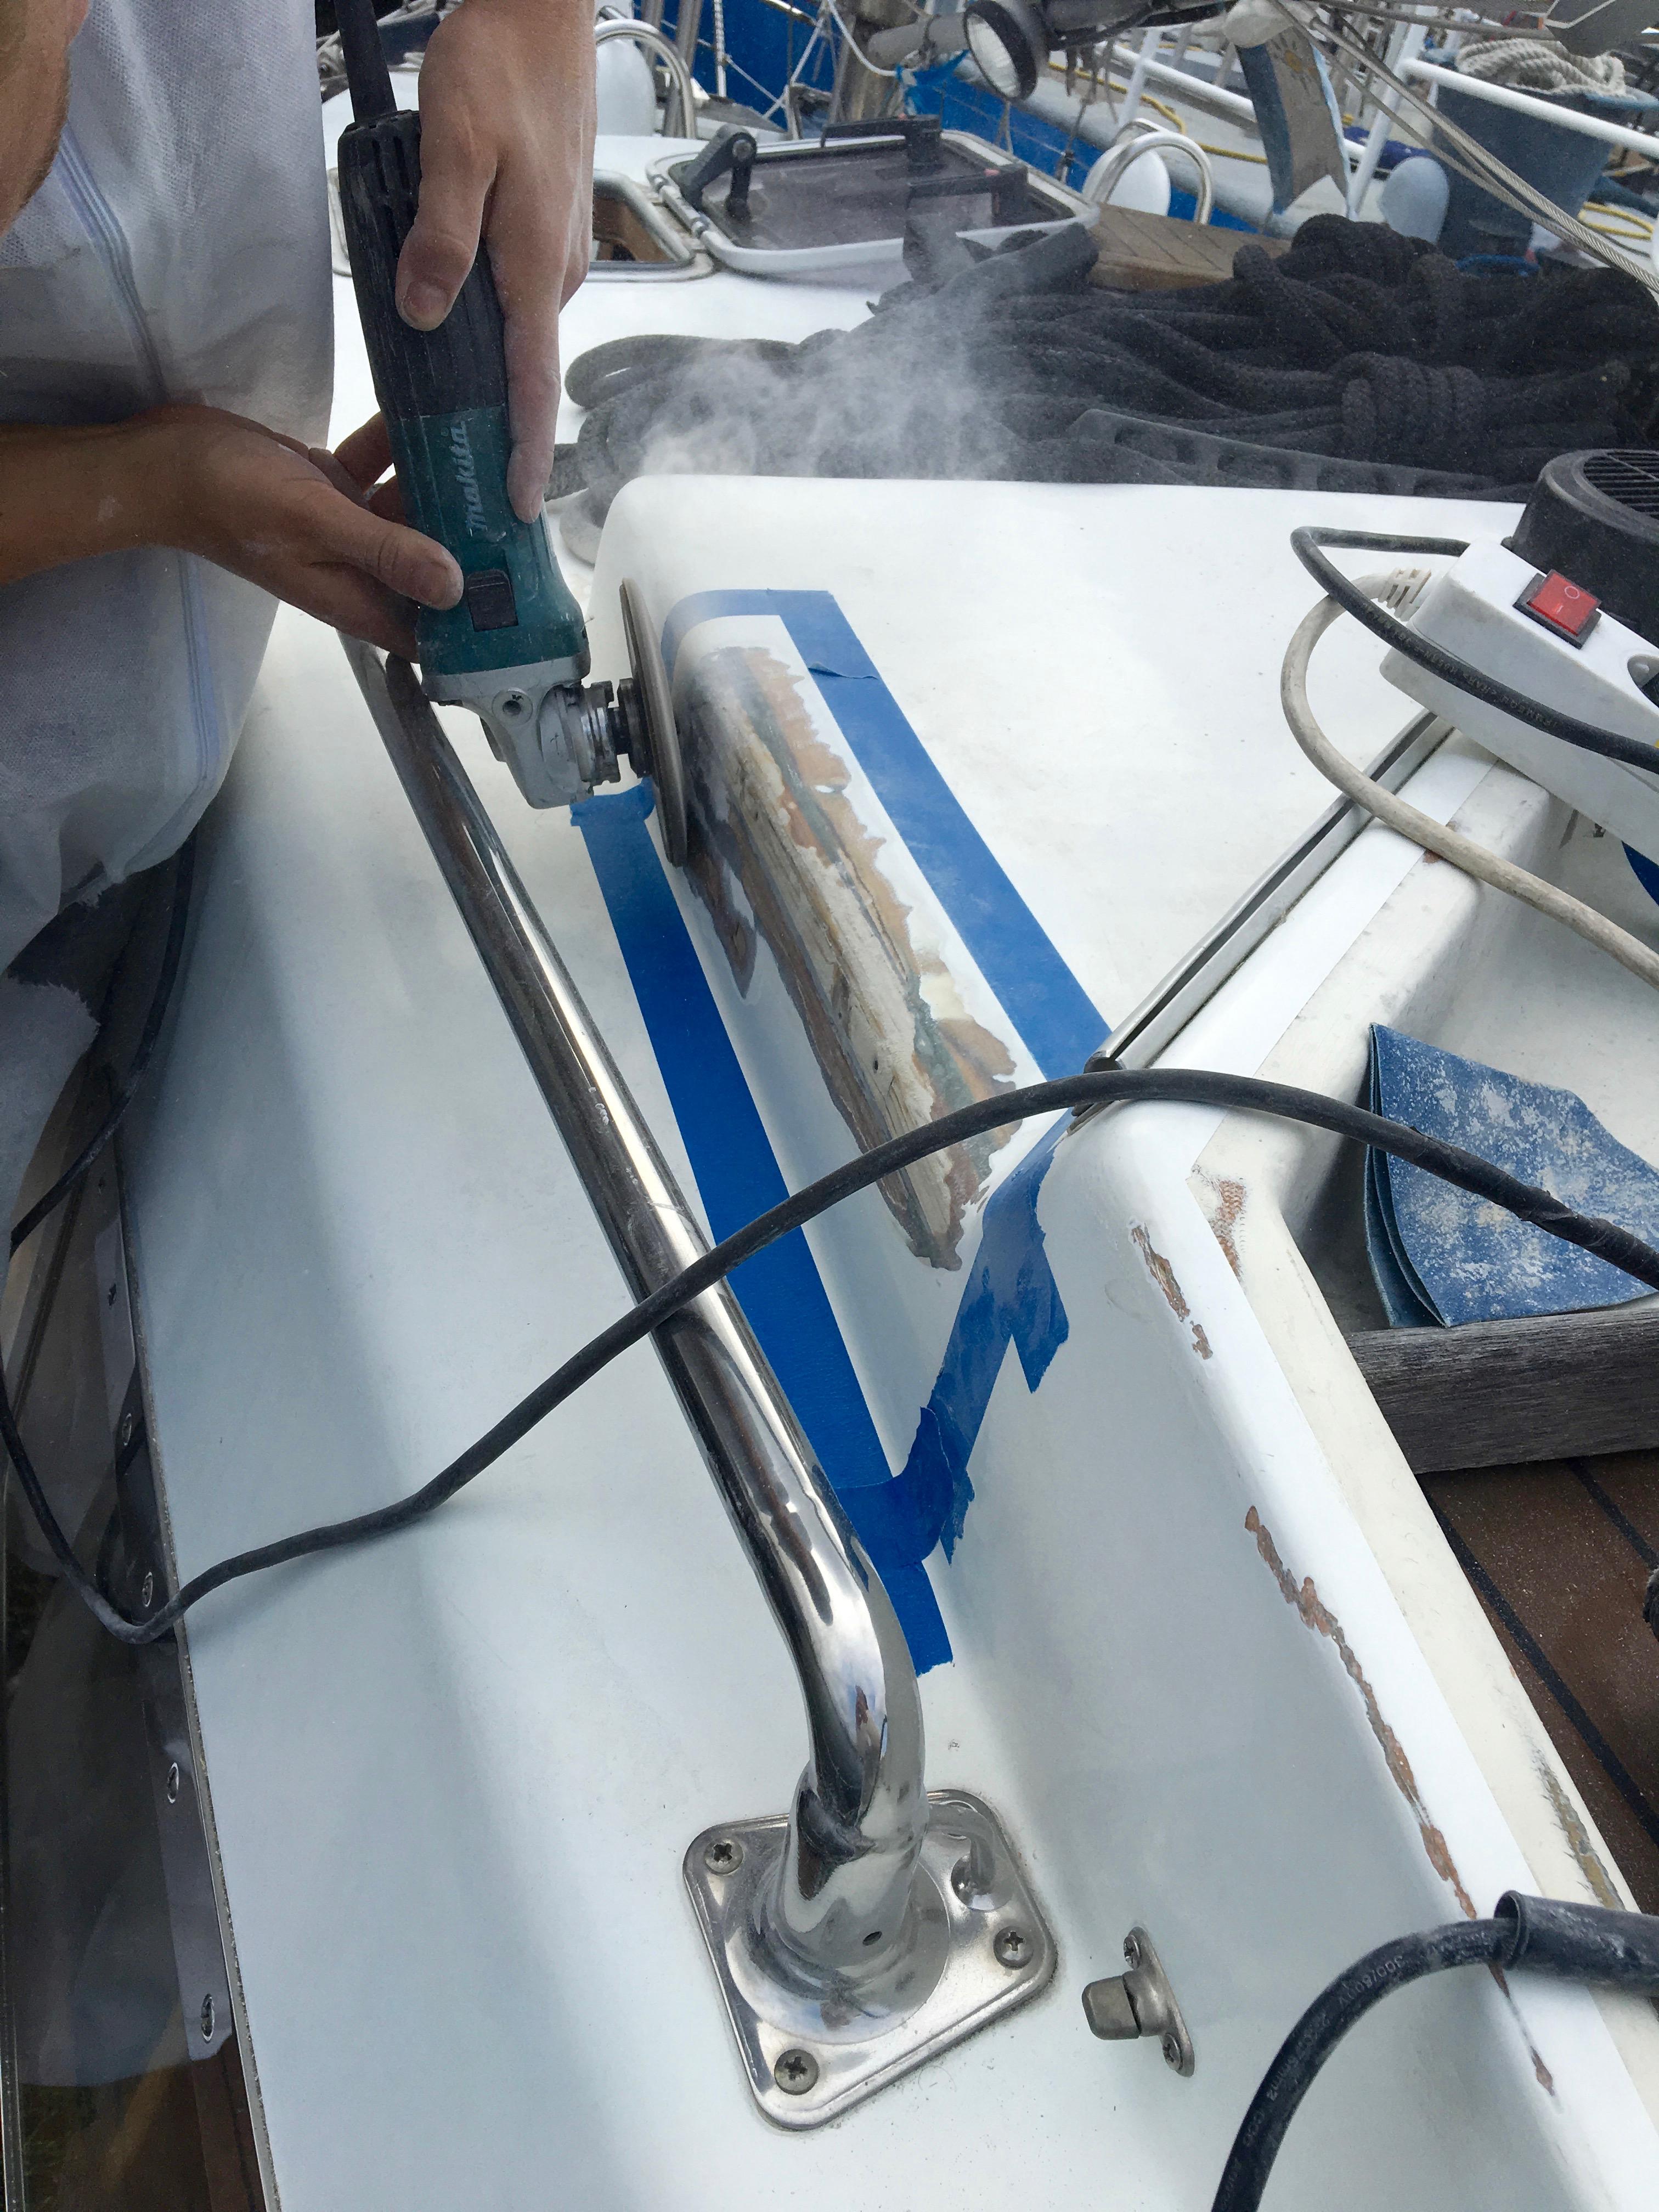 Repairing a plastic crack